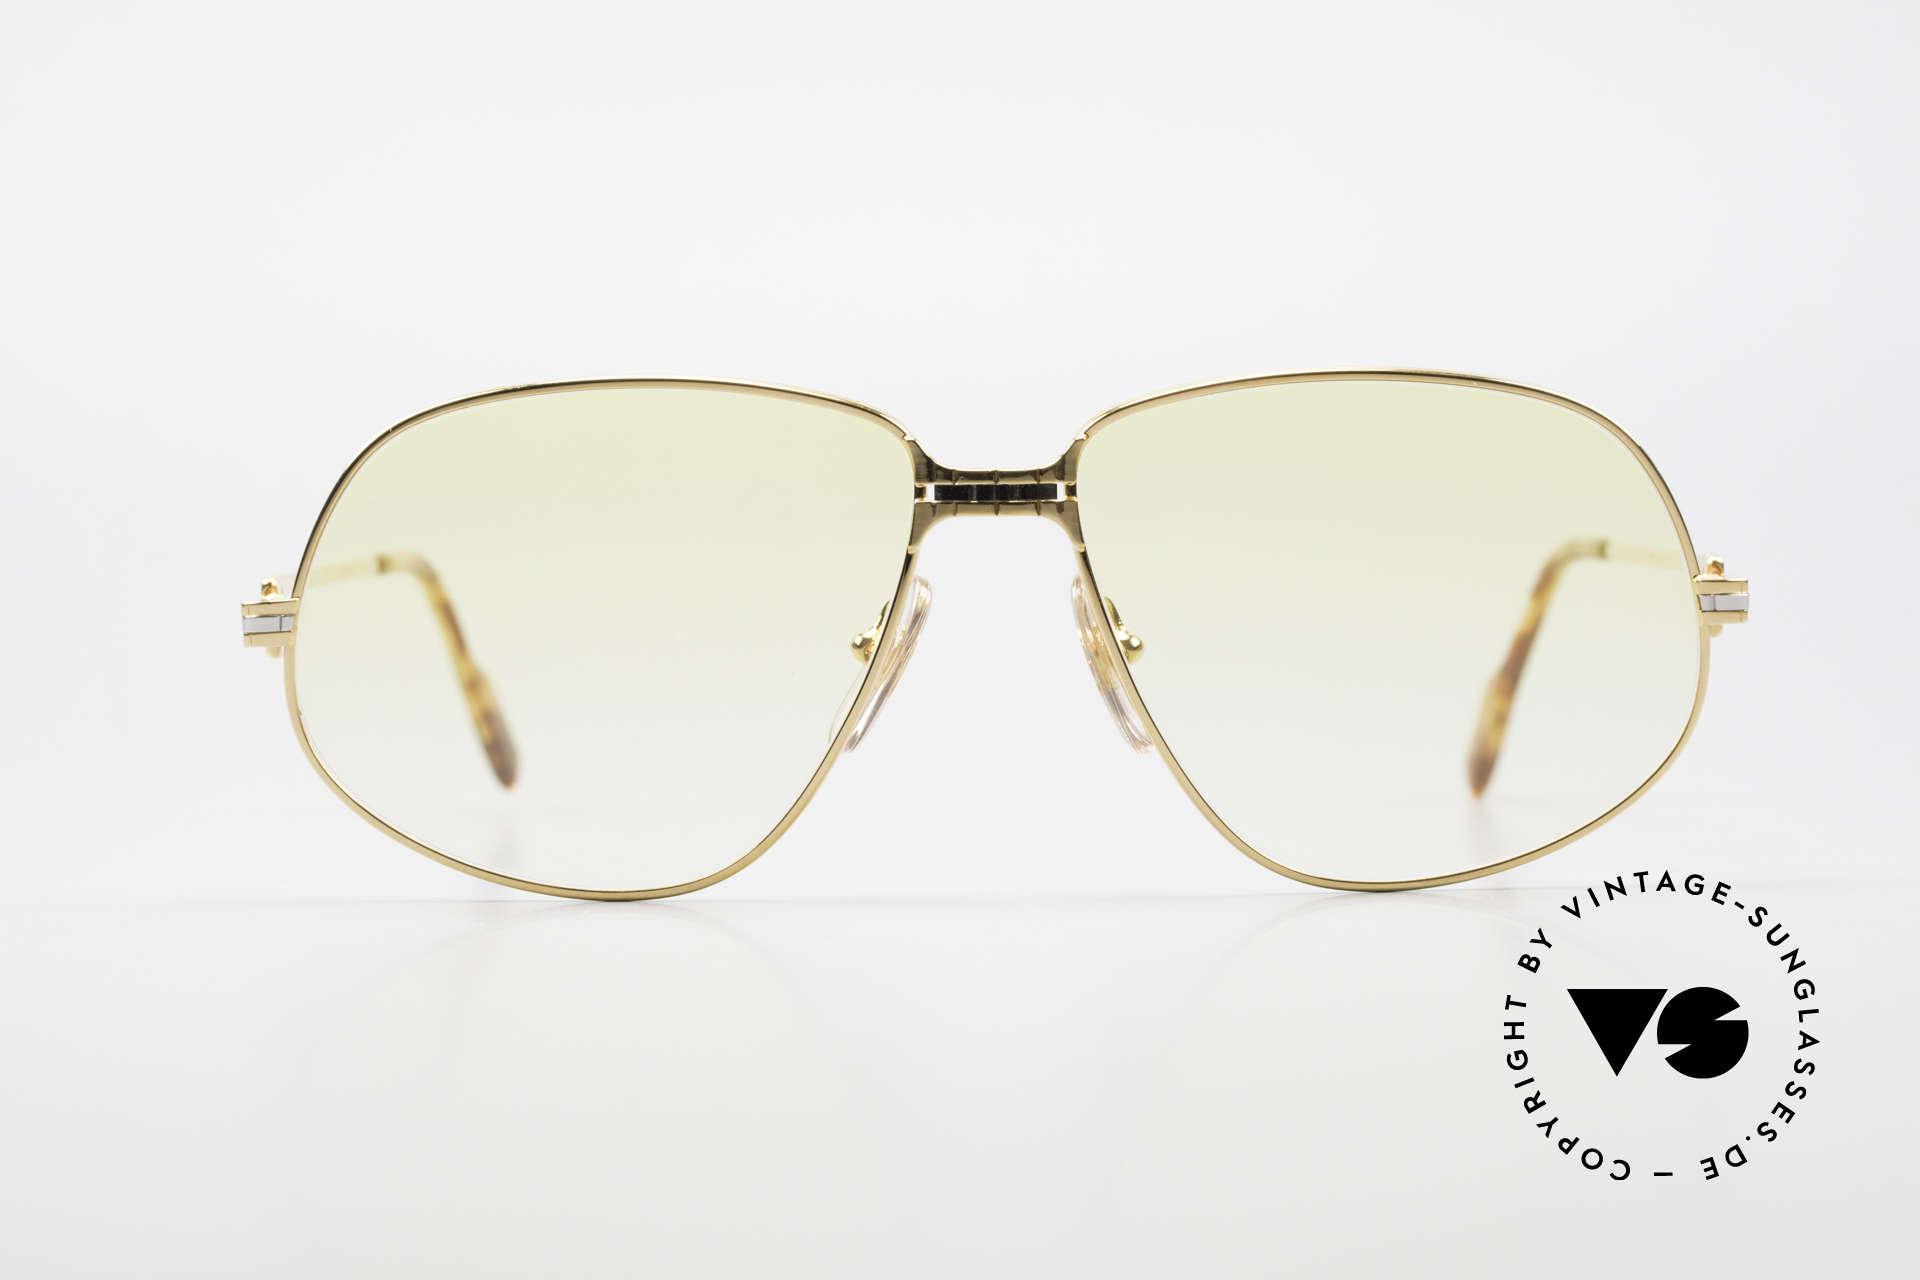 """Cartier Panthere G.M. - XL Gelbe Gläser Mit Bvlgari Etui, G.M. = """"Grande Modèle"""" (für Monsieur / den Gentleman), Passend für Herren und Damen"""